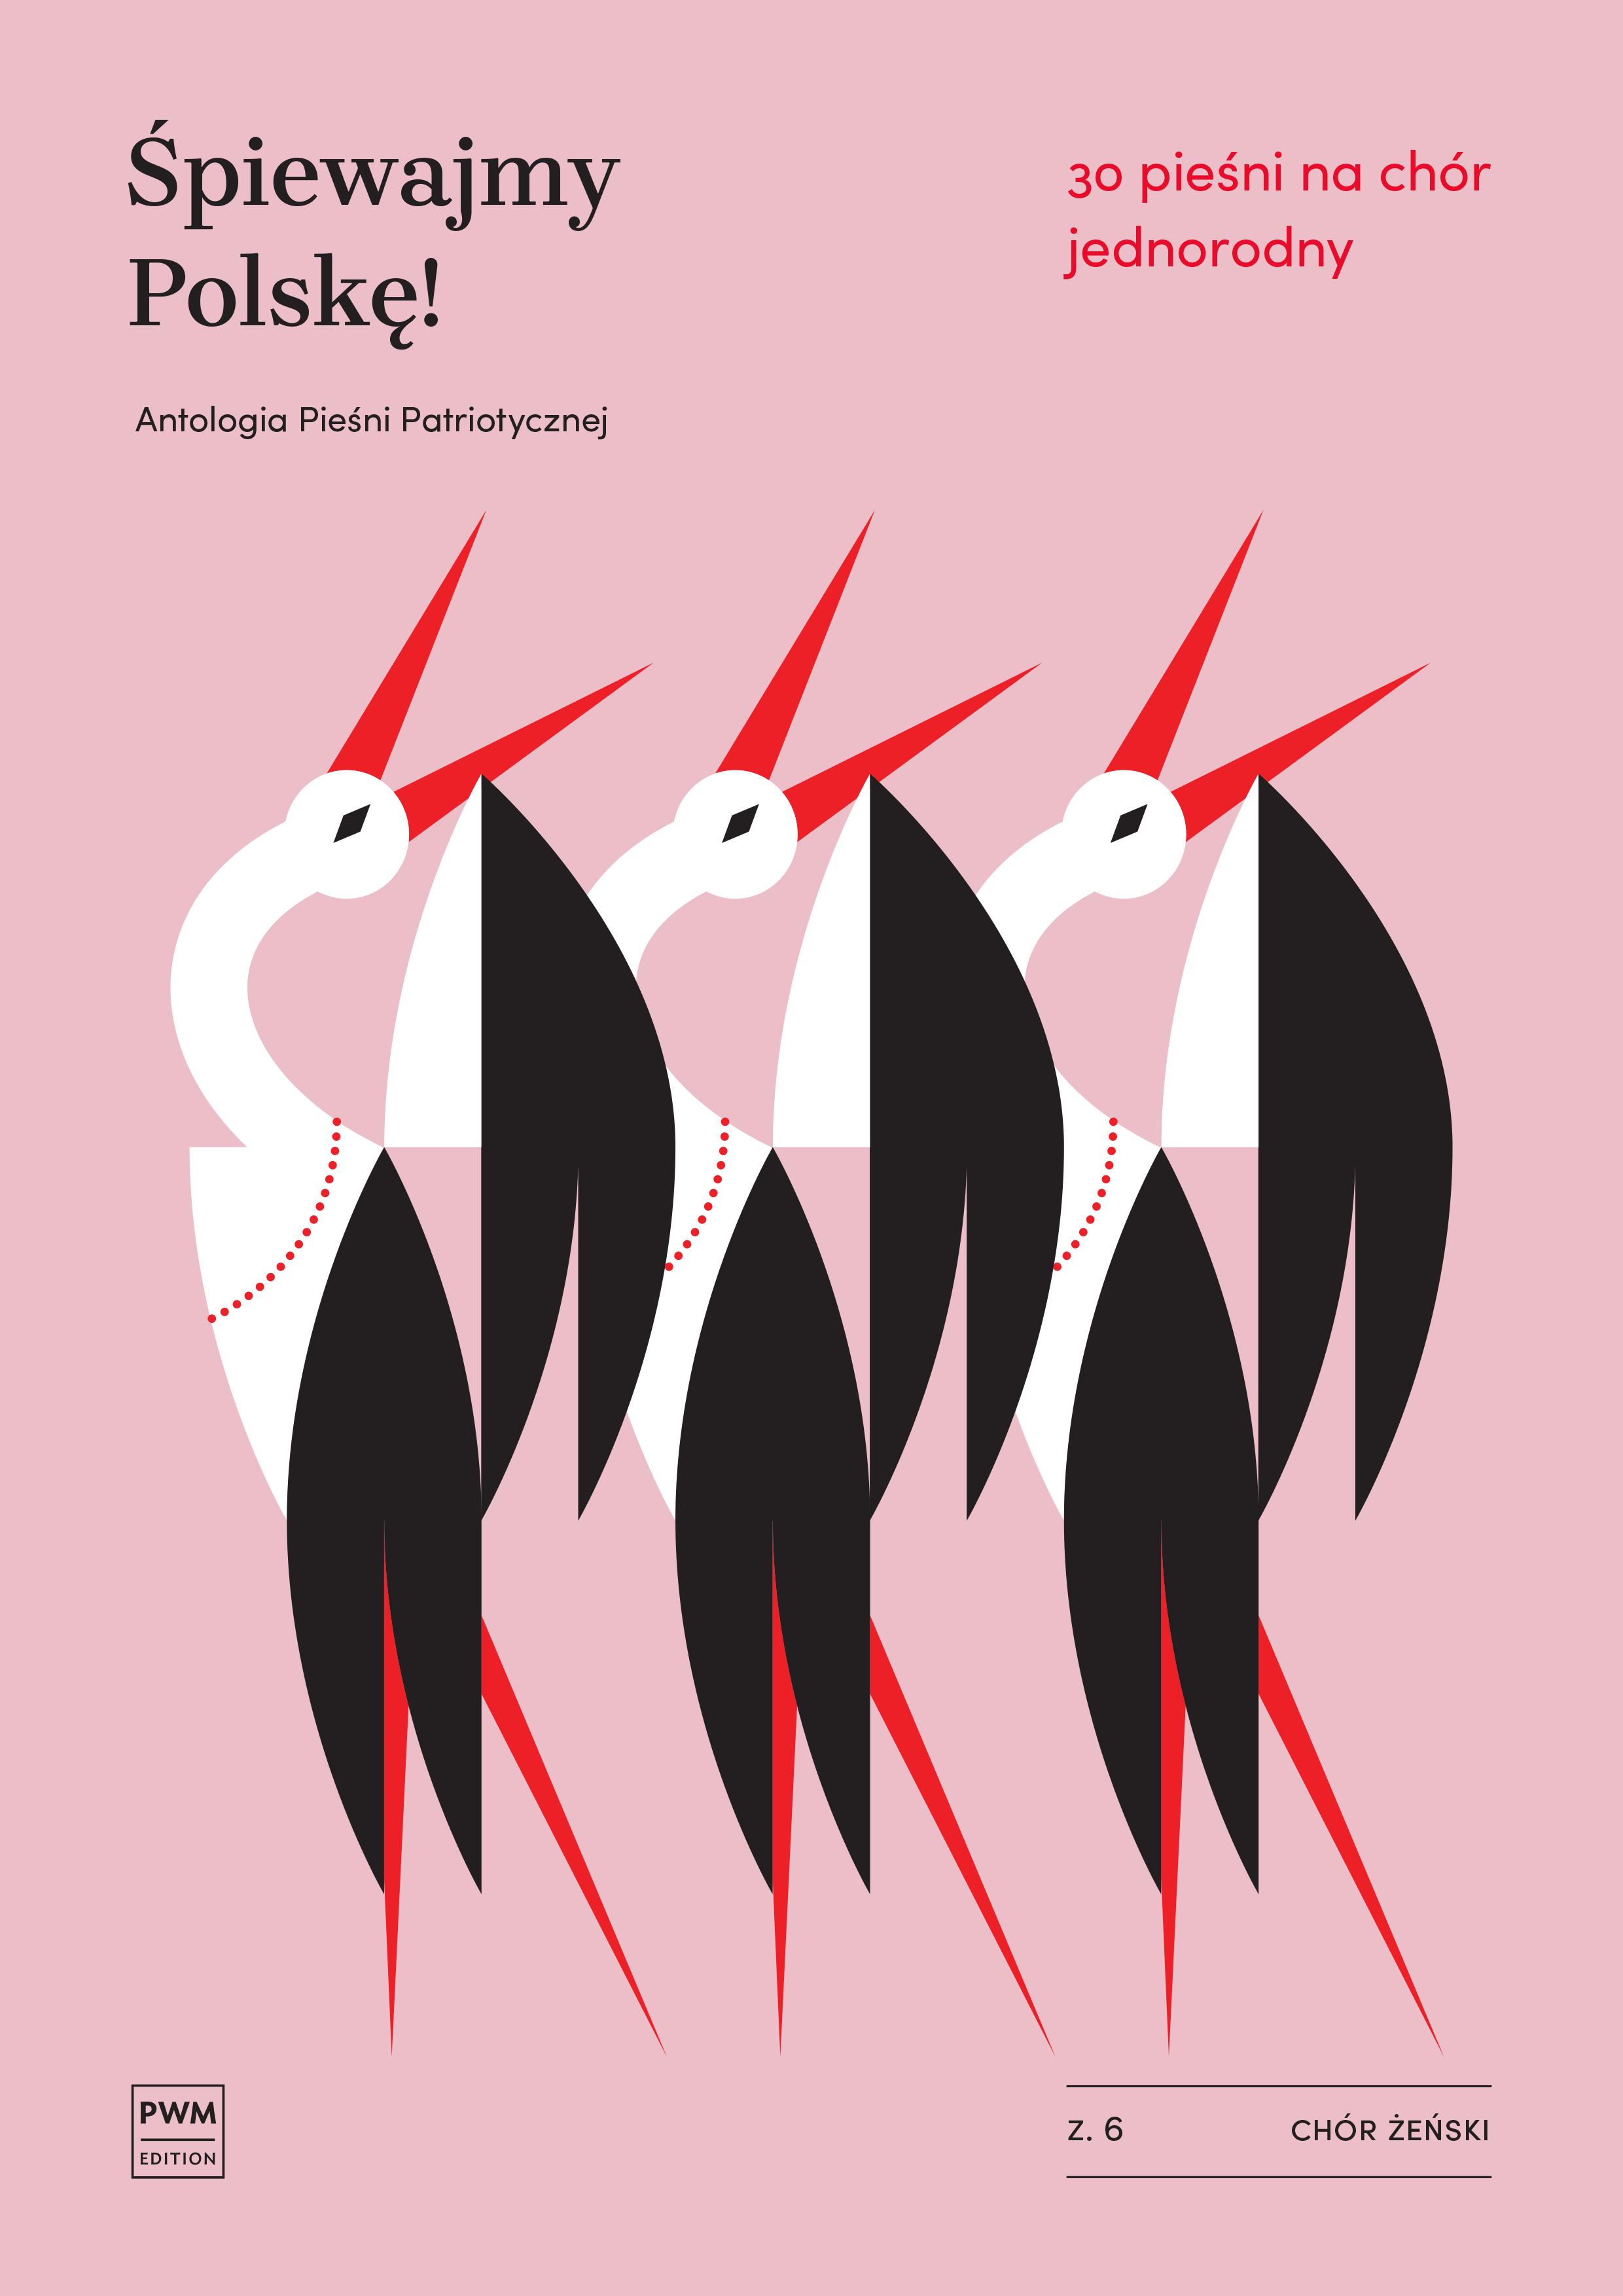 Śpiewajmy Polskę! 30 pieśni na chór jednorodny z.6 (chór żeński)